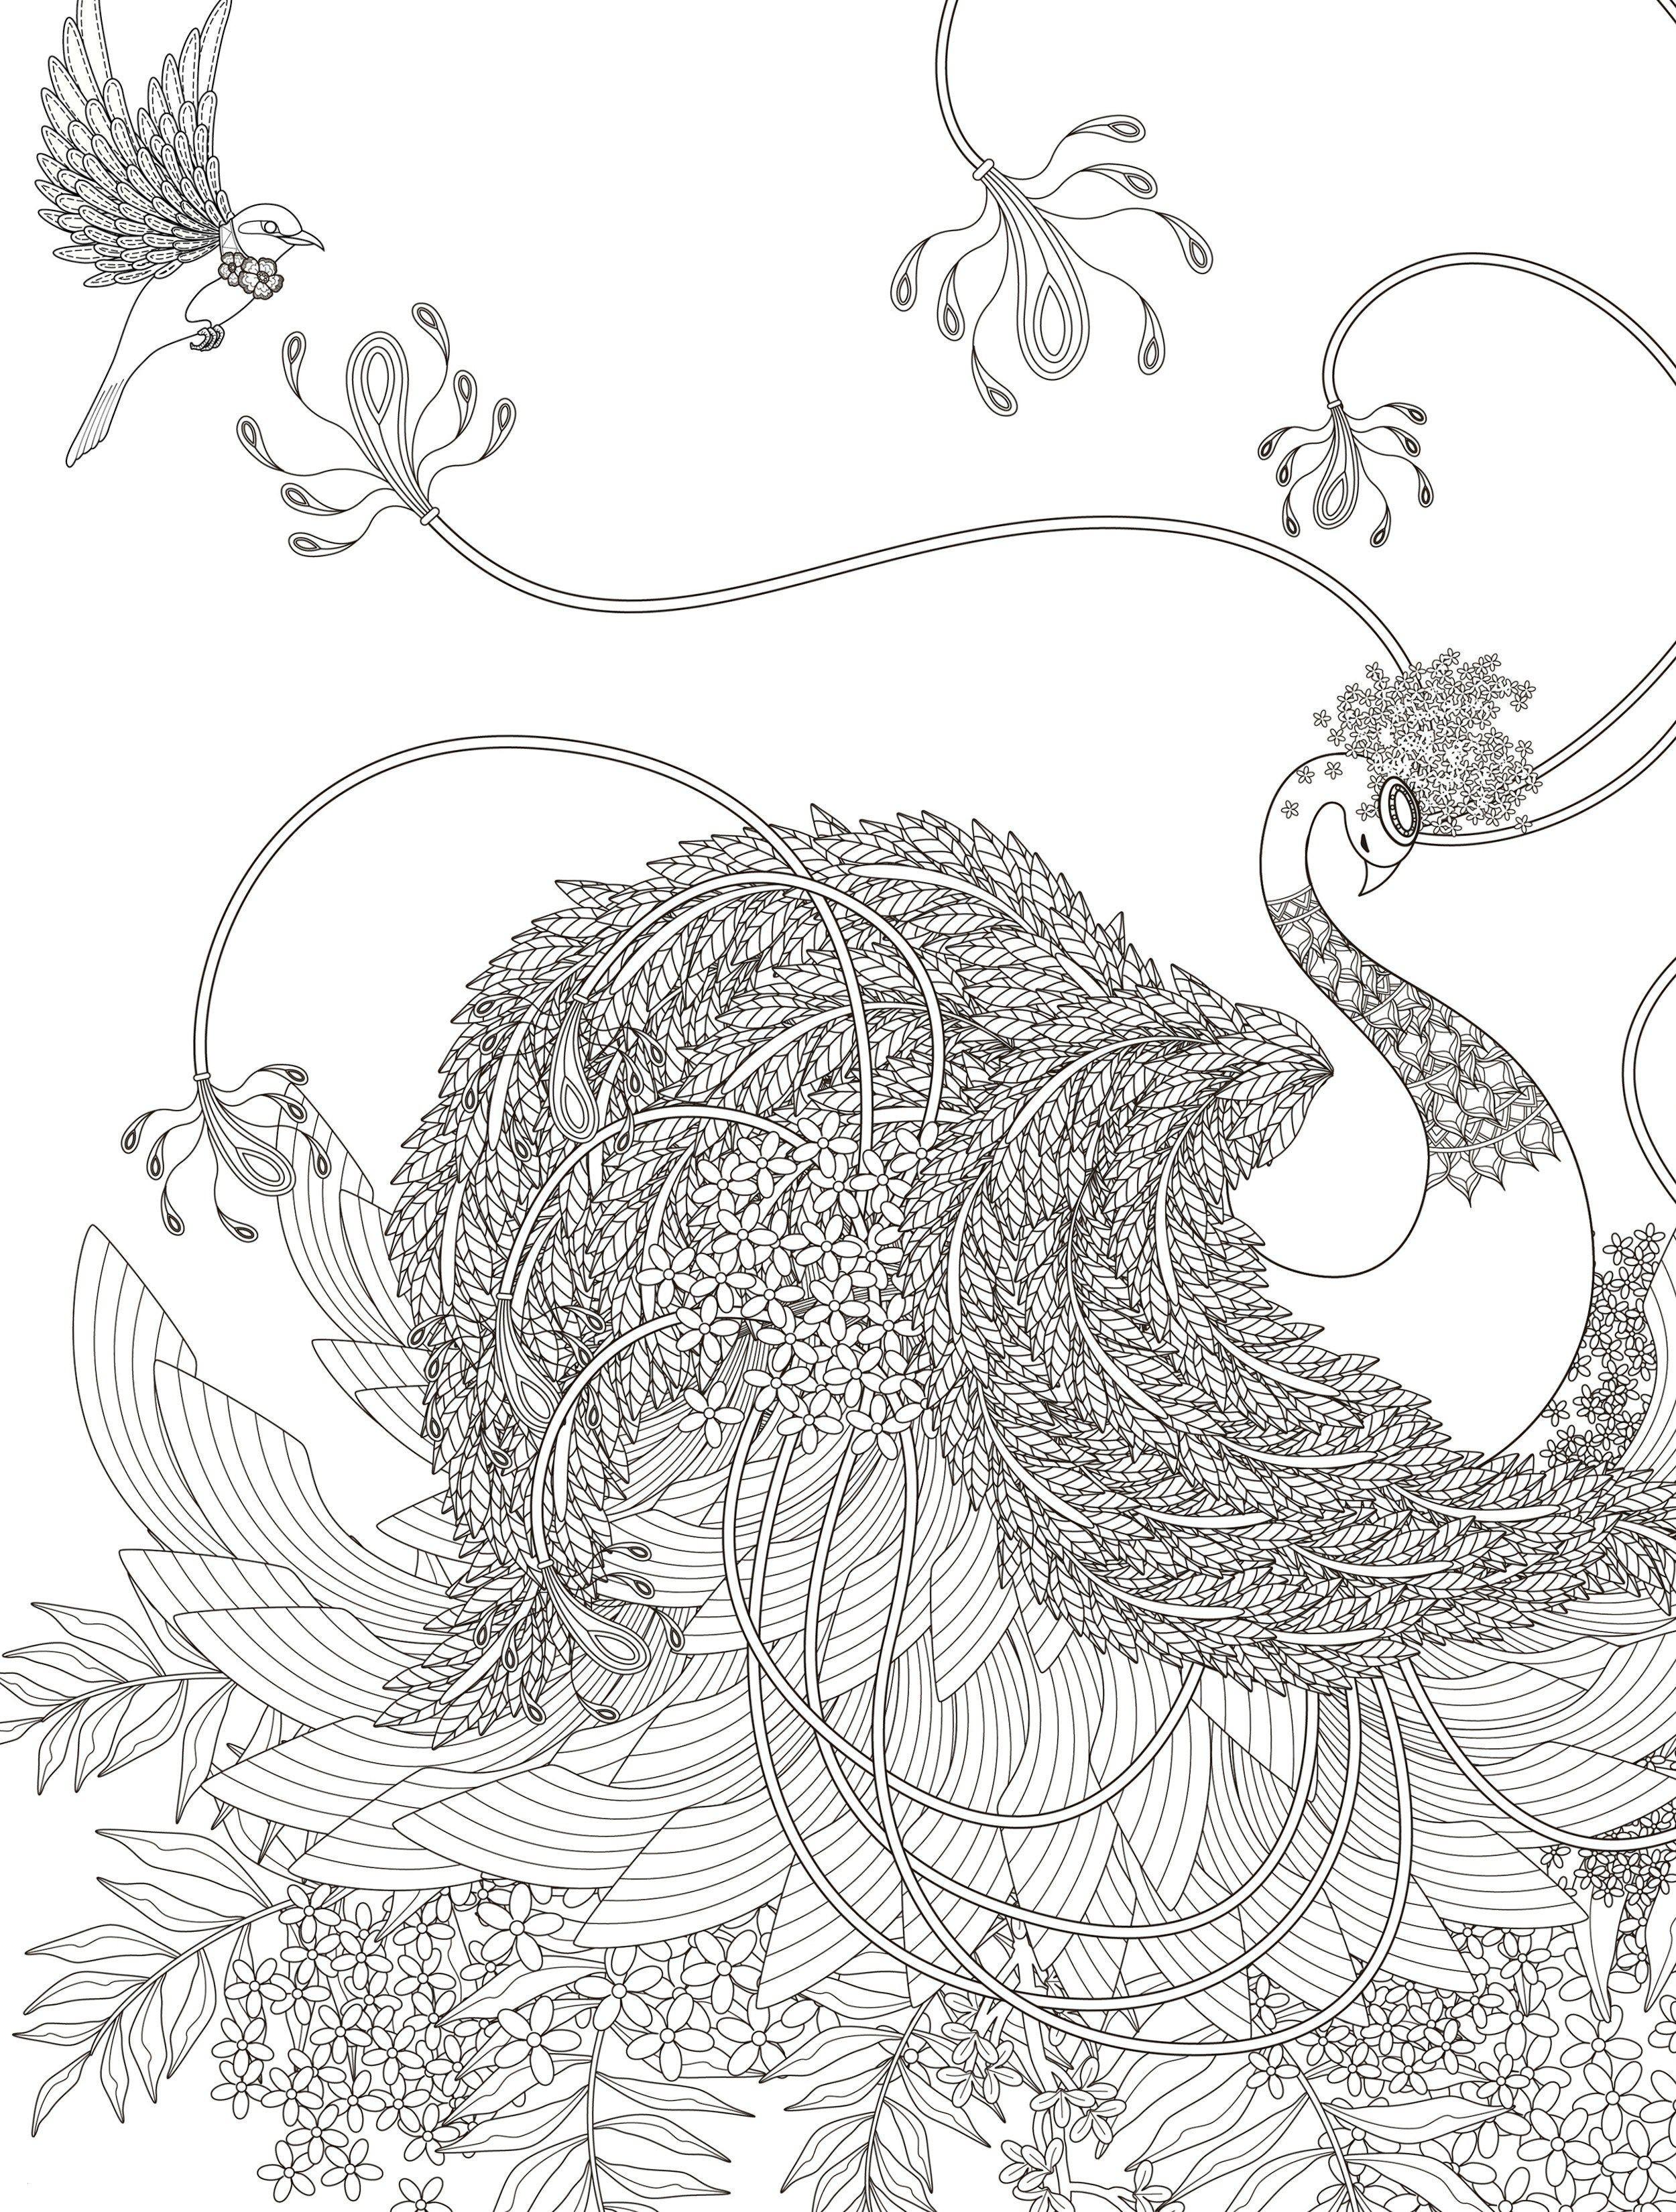 Ausmalbilder Dragons Auf Zu Neuen Ufern Frisch 40 Ausmalbilder Blumen Zum Ausdrucken Scoredatscore Genial Bilder